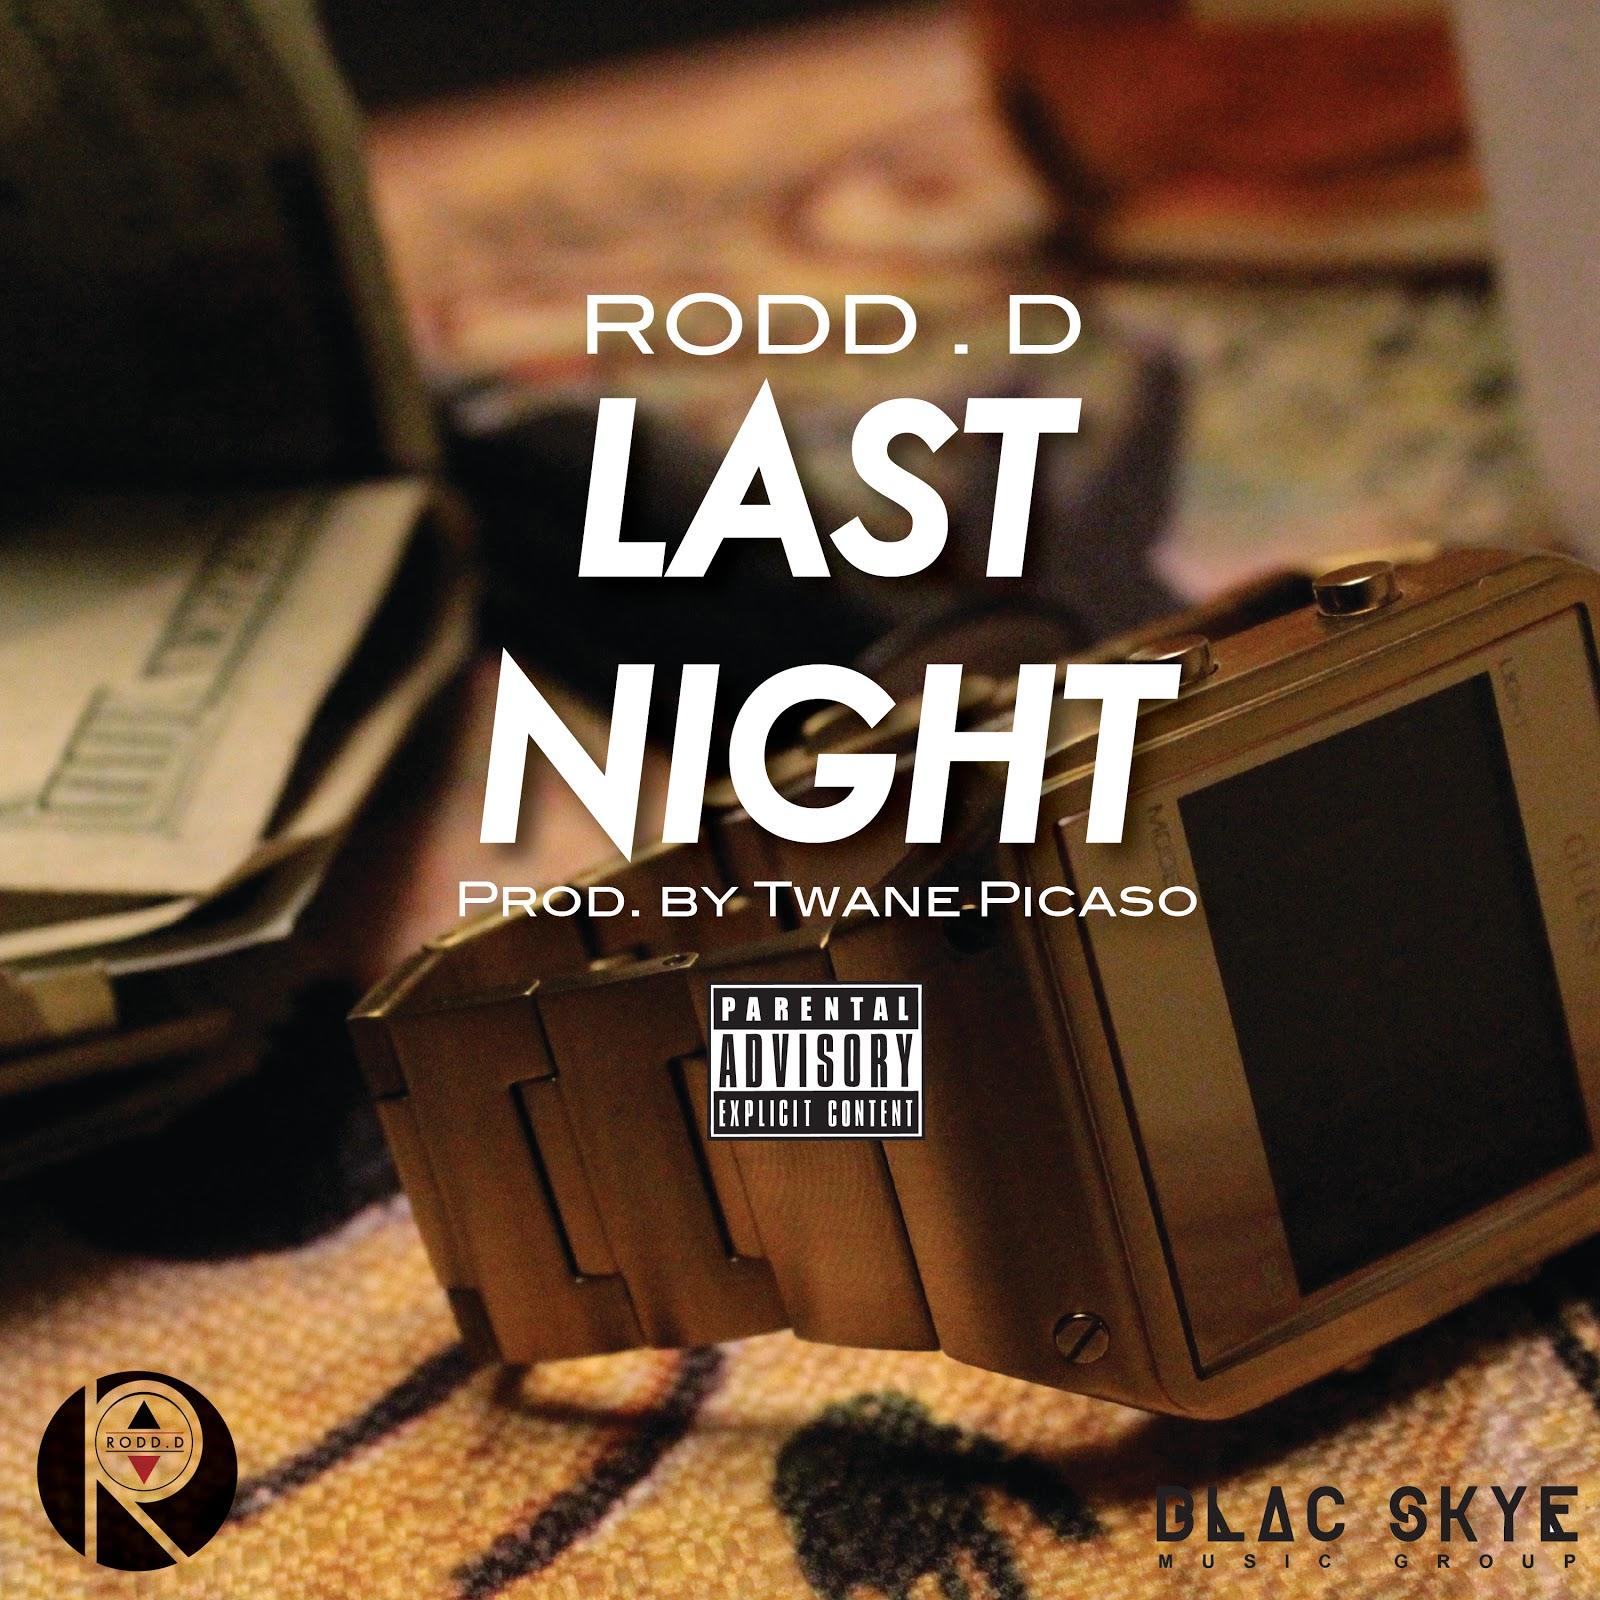 [New Music Video] Rodd.D X Last Night